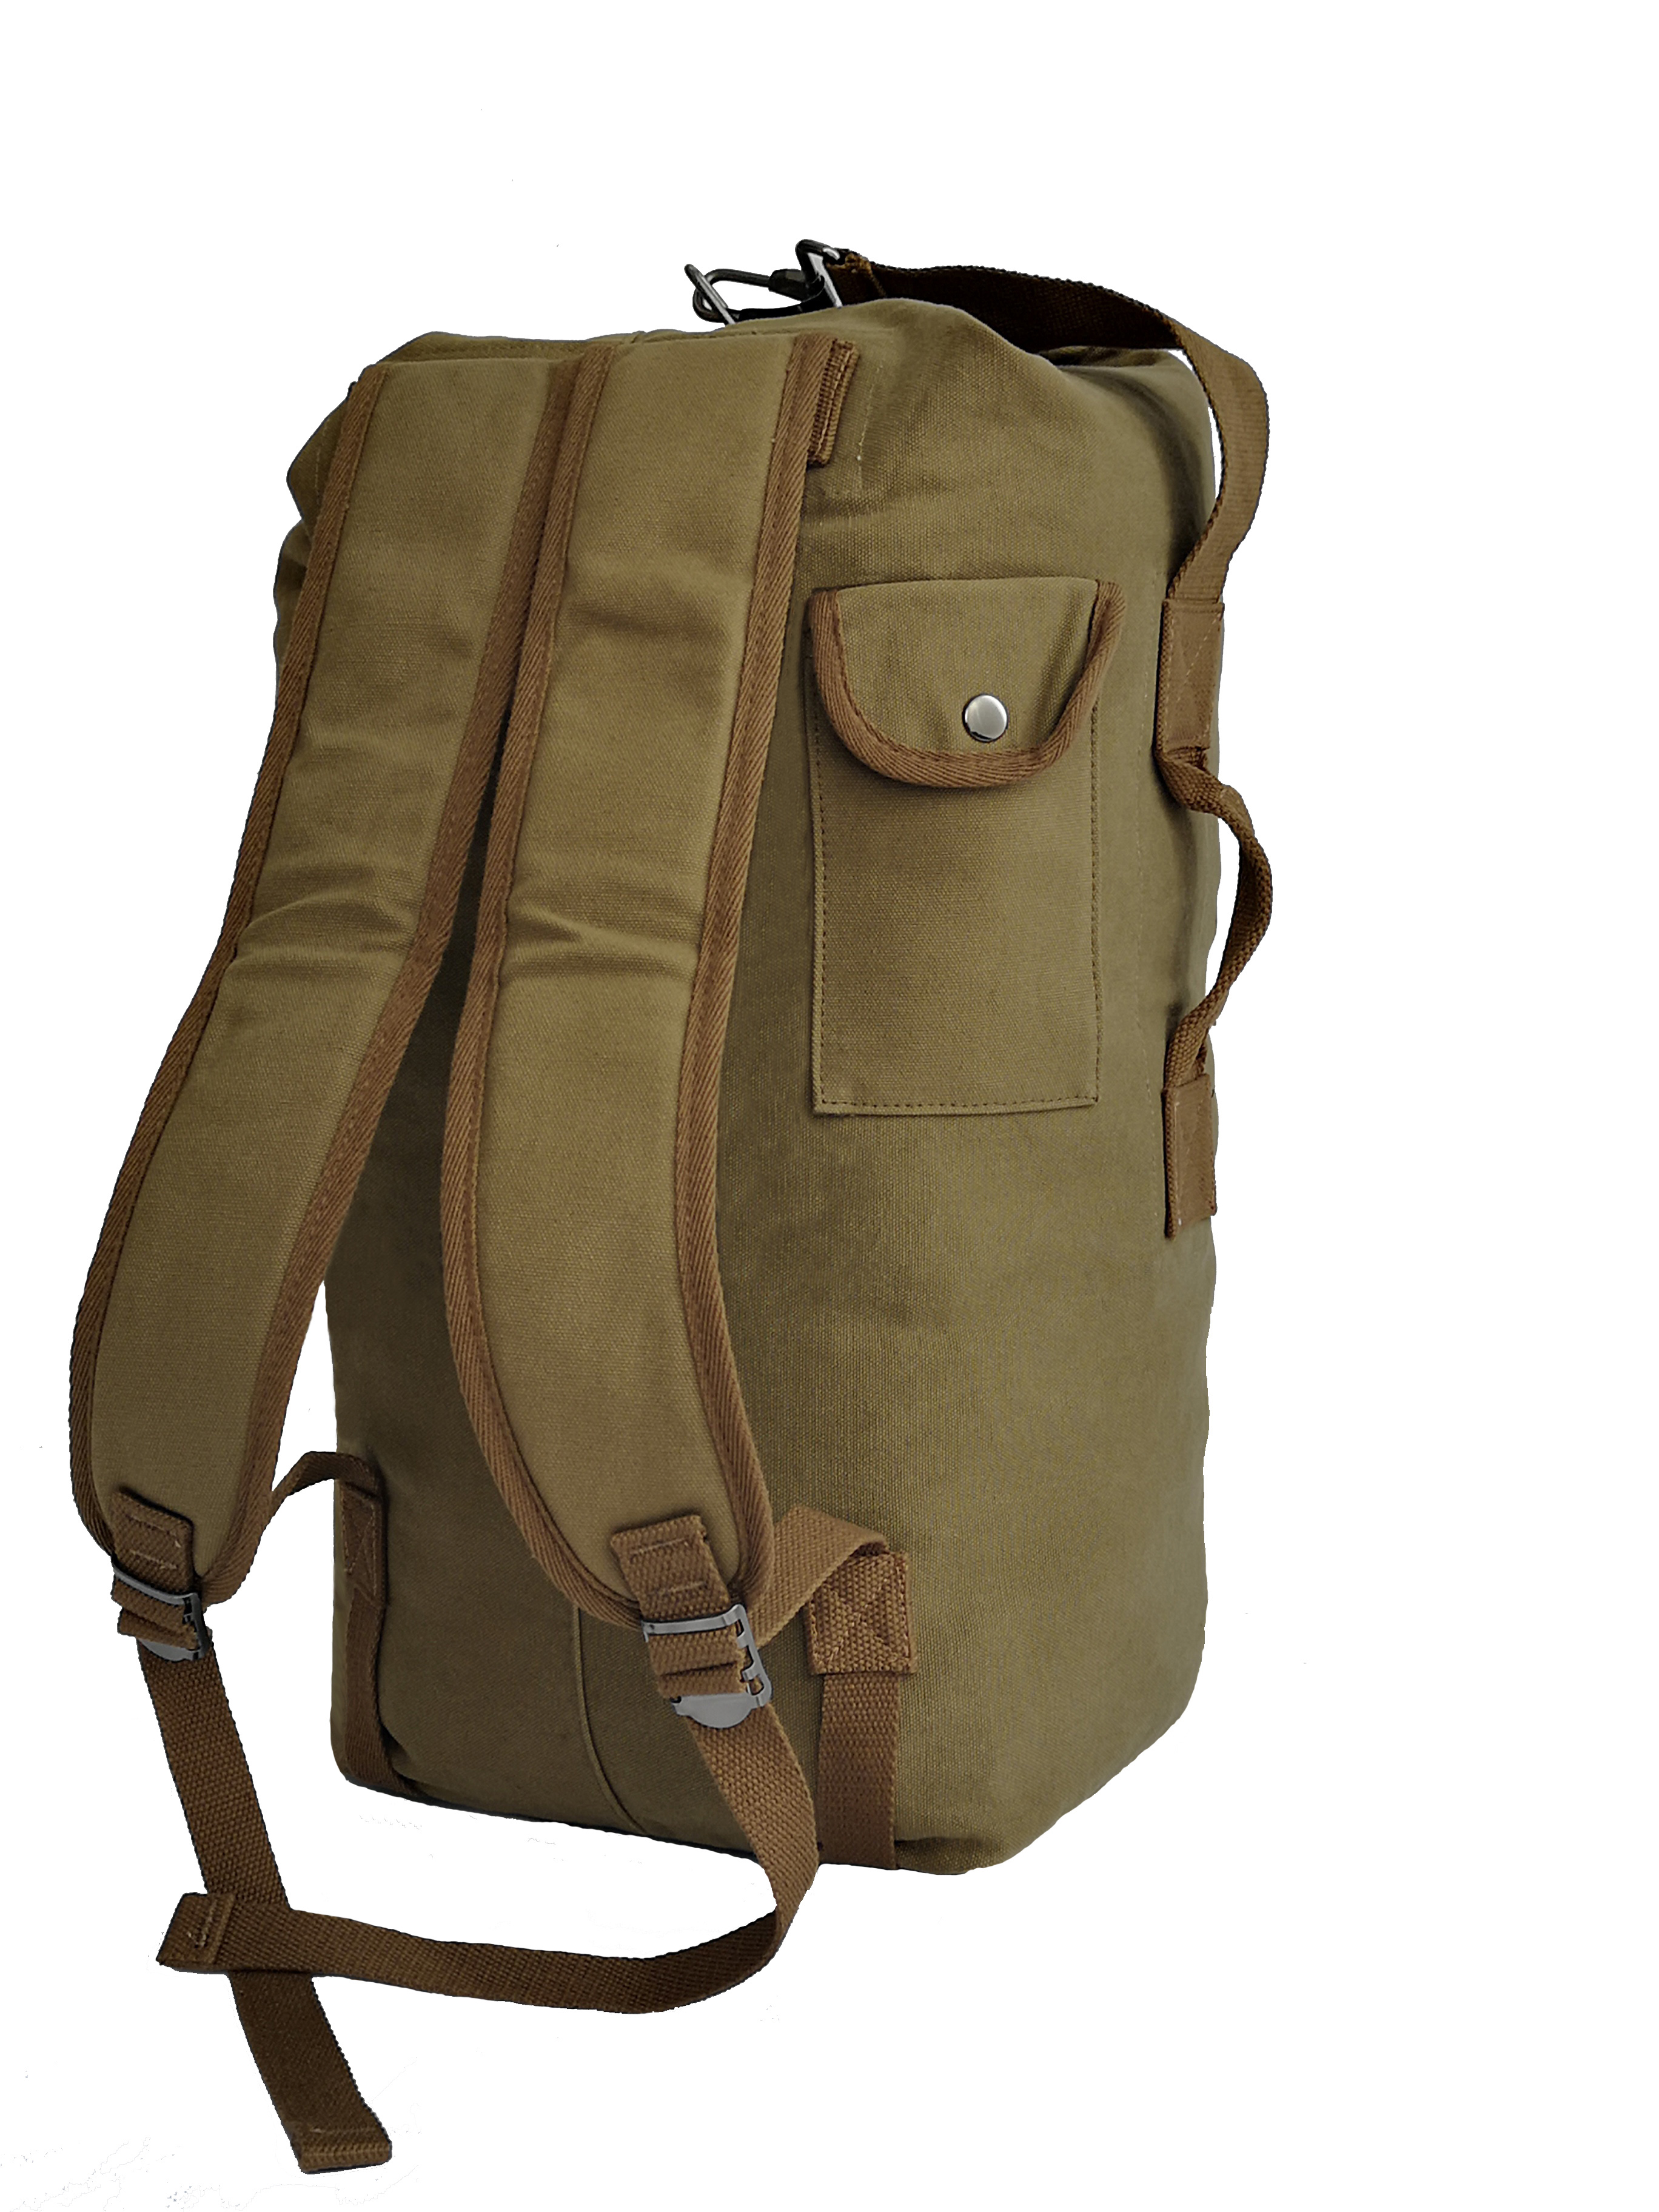 1869.23руб. 30% СКИДКА|DB26 KAKA, холщовые рюкзаки из чистого хлопка, большой рюкзак, вещевые сумки, сумки ковши на заказ, школьные рюкзаки Mochila Escolar-in Дорожные сумки from Багаж и сумки on AliExpress - 11.11_Double 11_Singles